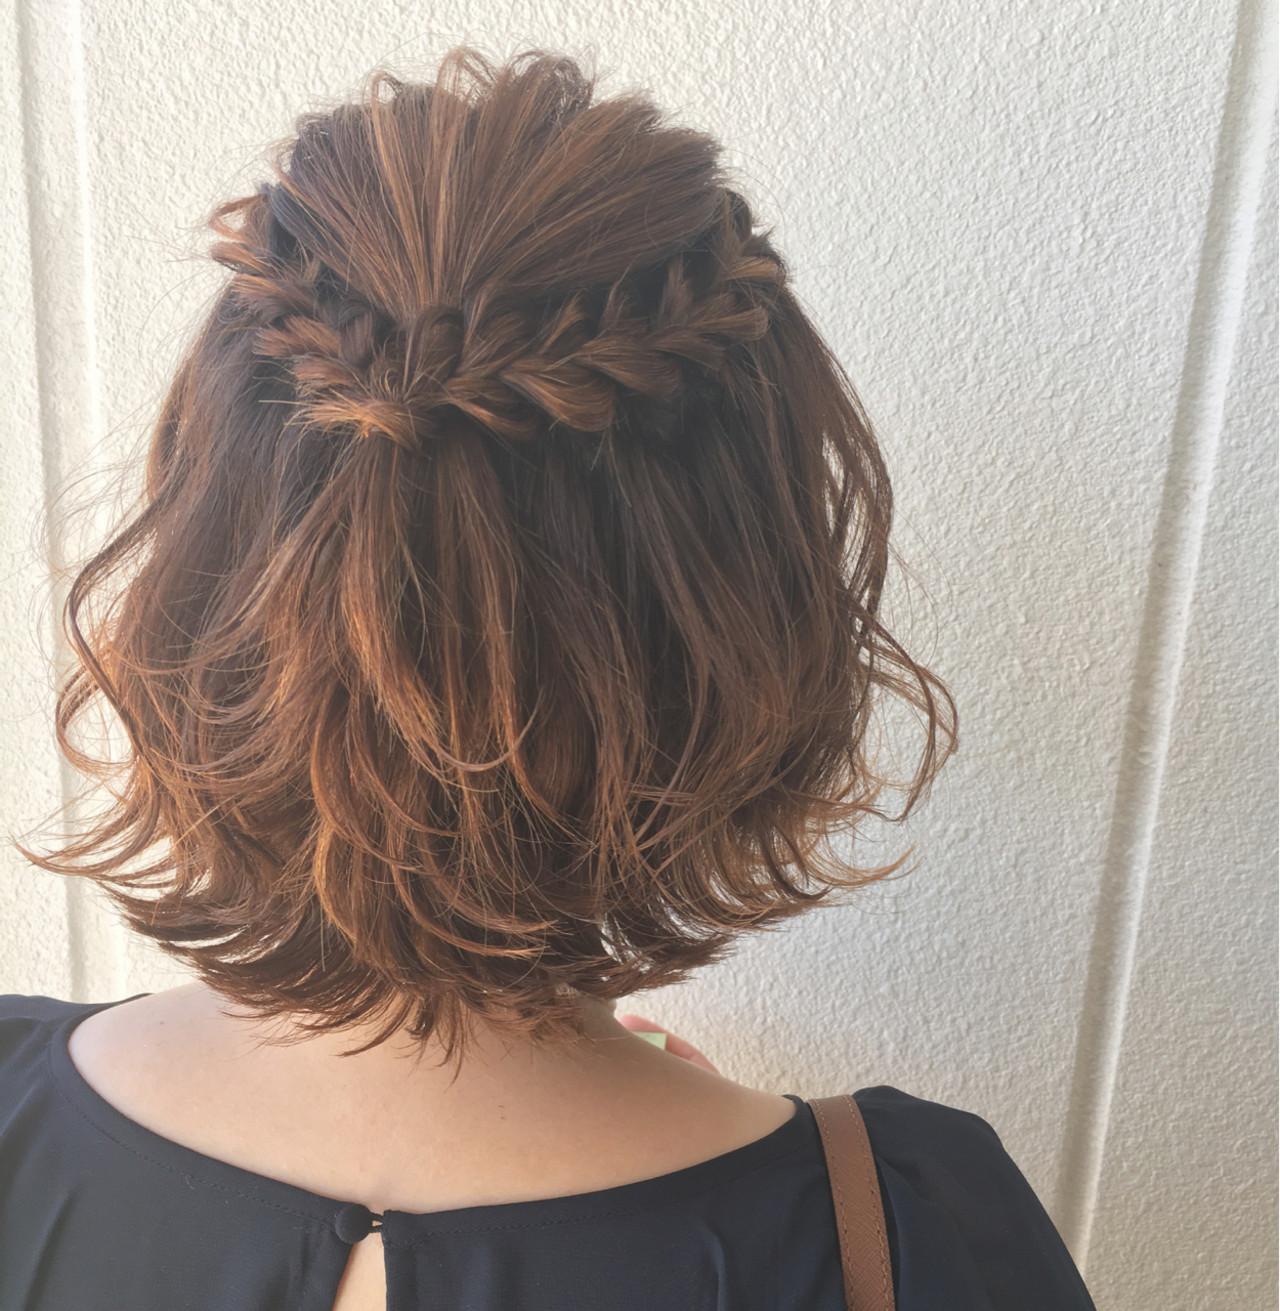 ヘアアレンジ 大人女子 ボブ 波ウェーブ ヘアスタイルや髪型の写真・画像